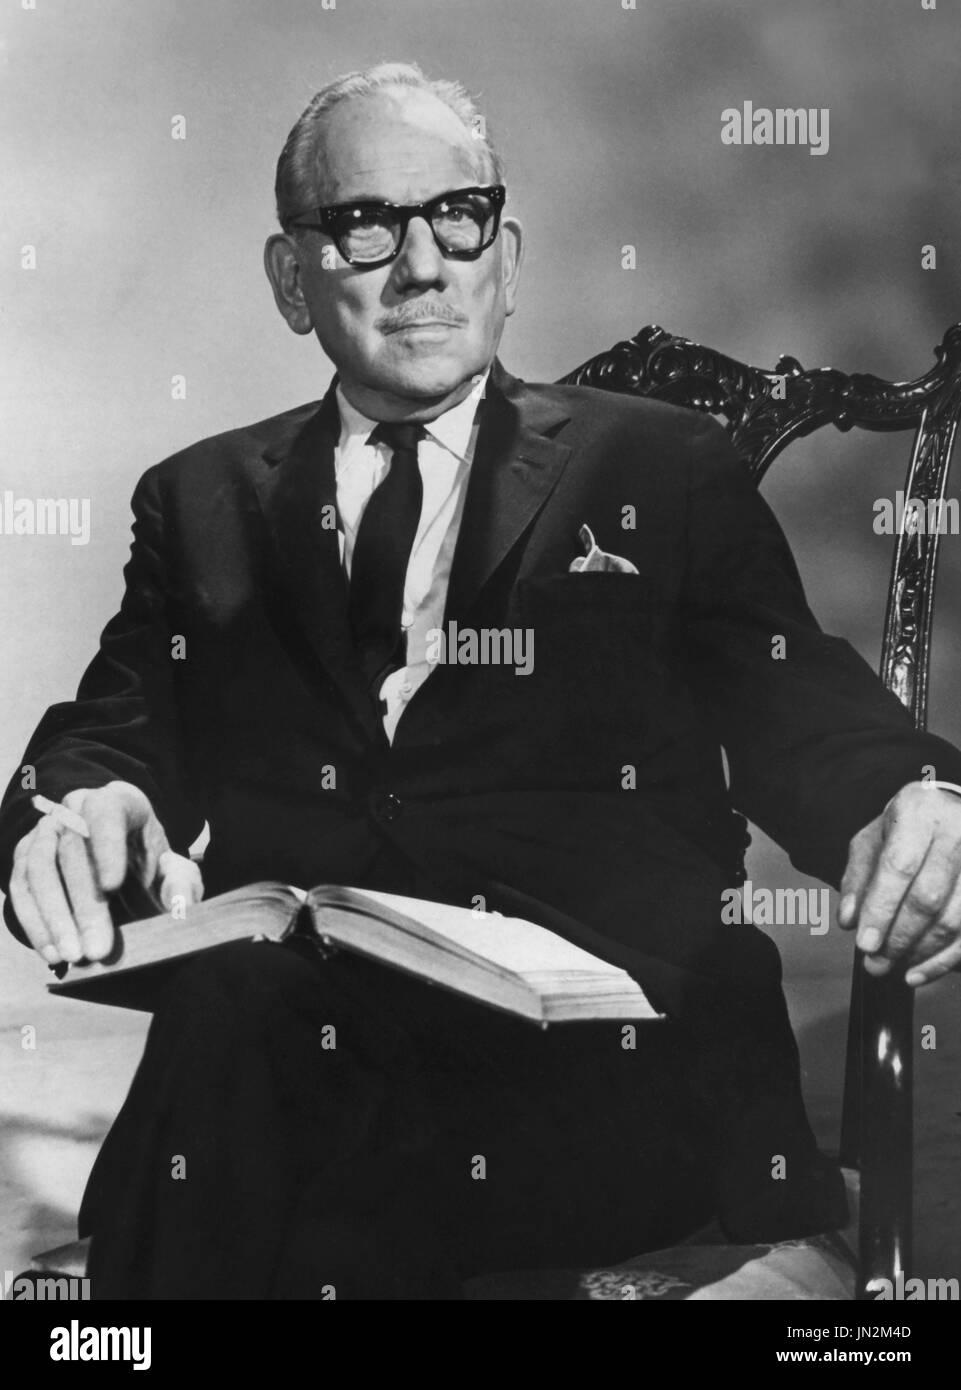 Melvyn Douglas, Publicity Portrait for the 'Project 20' Television Program, 'Meet George Washington', NBC, 1969 - Stock Image